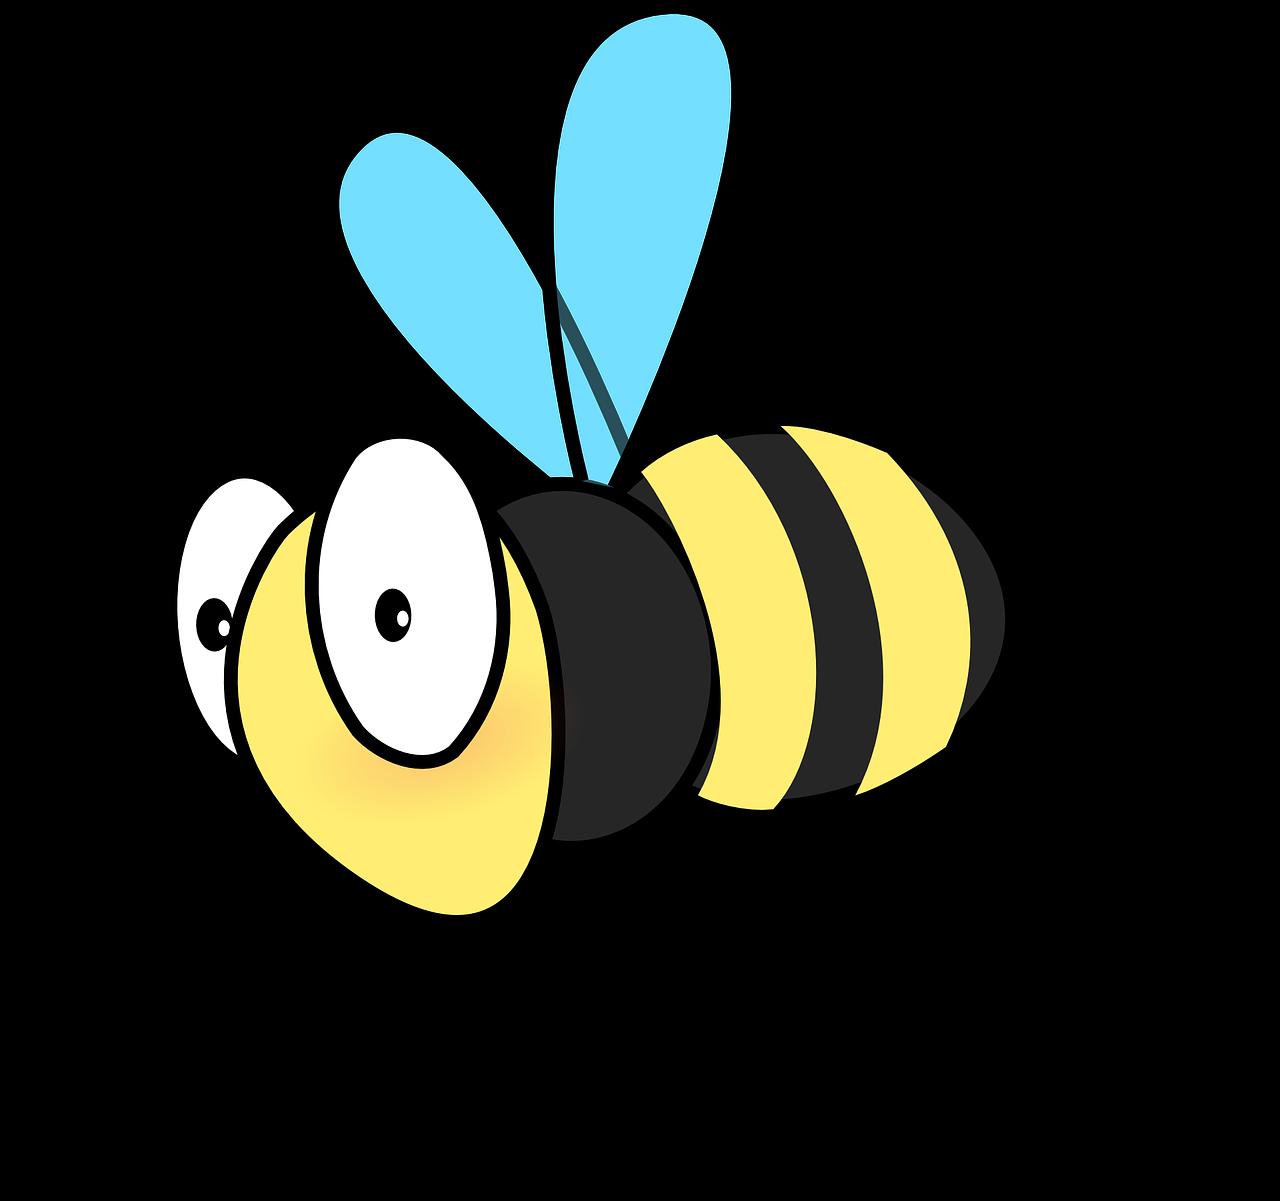 honeybee-24633_1280